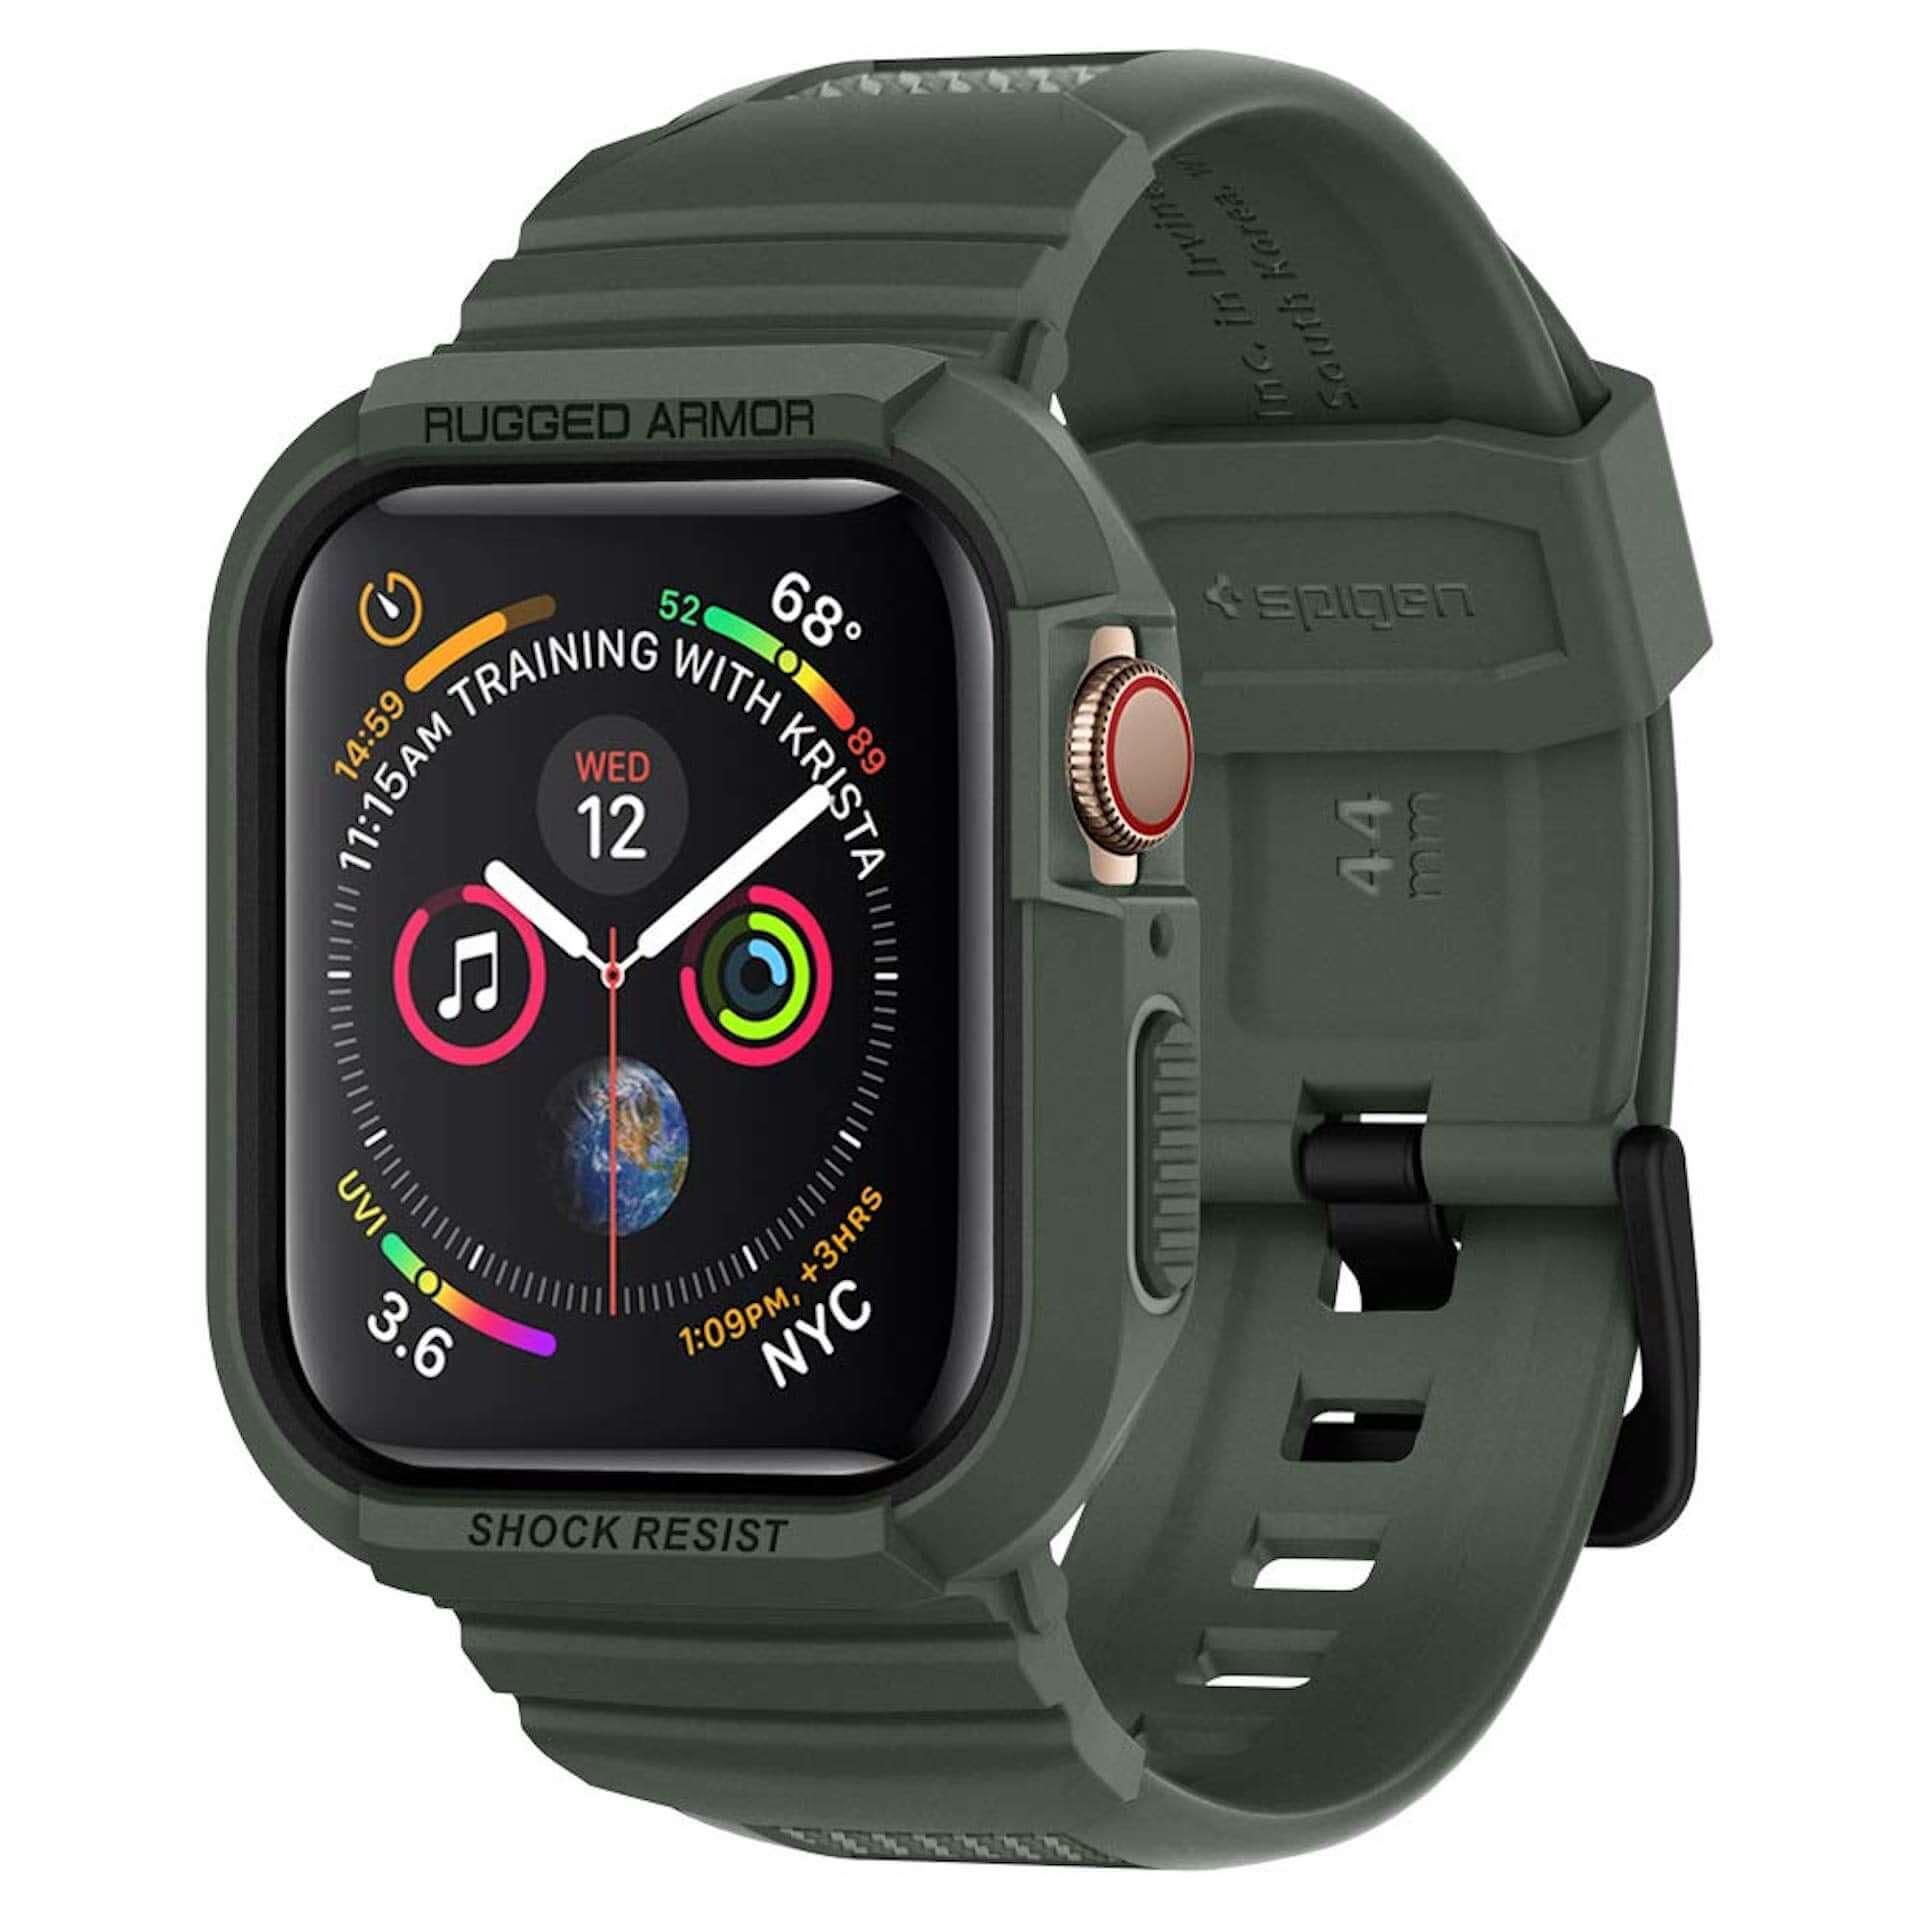 アウトドア・スポーツシーンでもApple Watchを!耐衝撃ケースSpigen「ラギッド・アーマー プロ」に新色追加 technology190708spigen-applewatch4_2-1920x1920